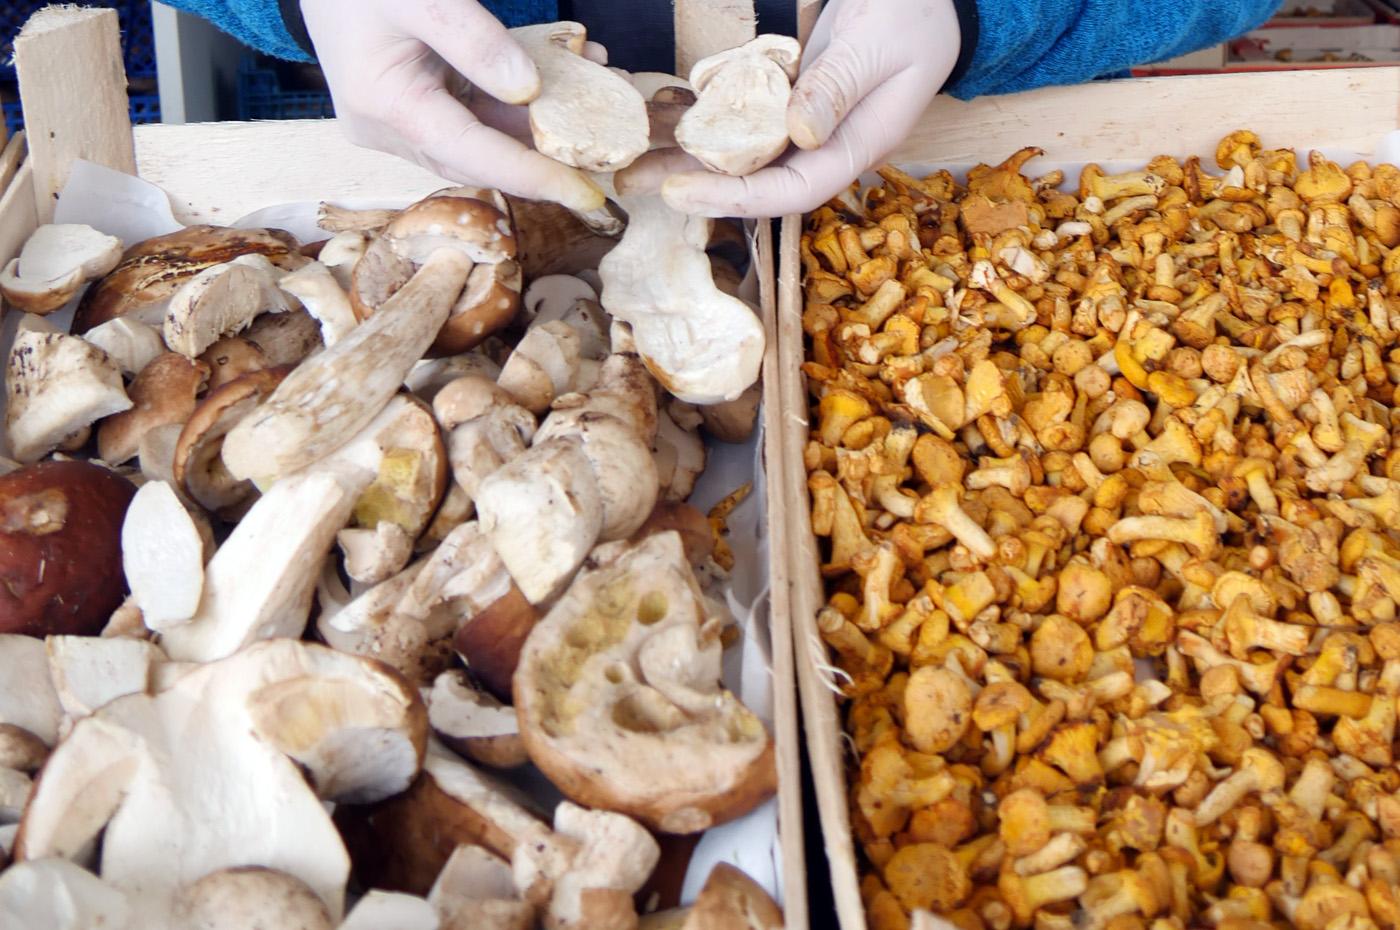 bilder_Kartoffelfest2017_Foto BräuningerP1010191